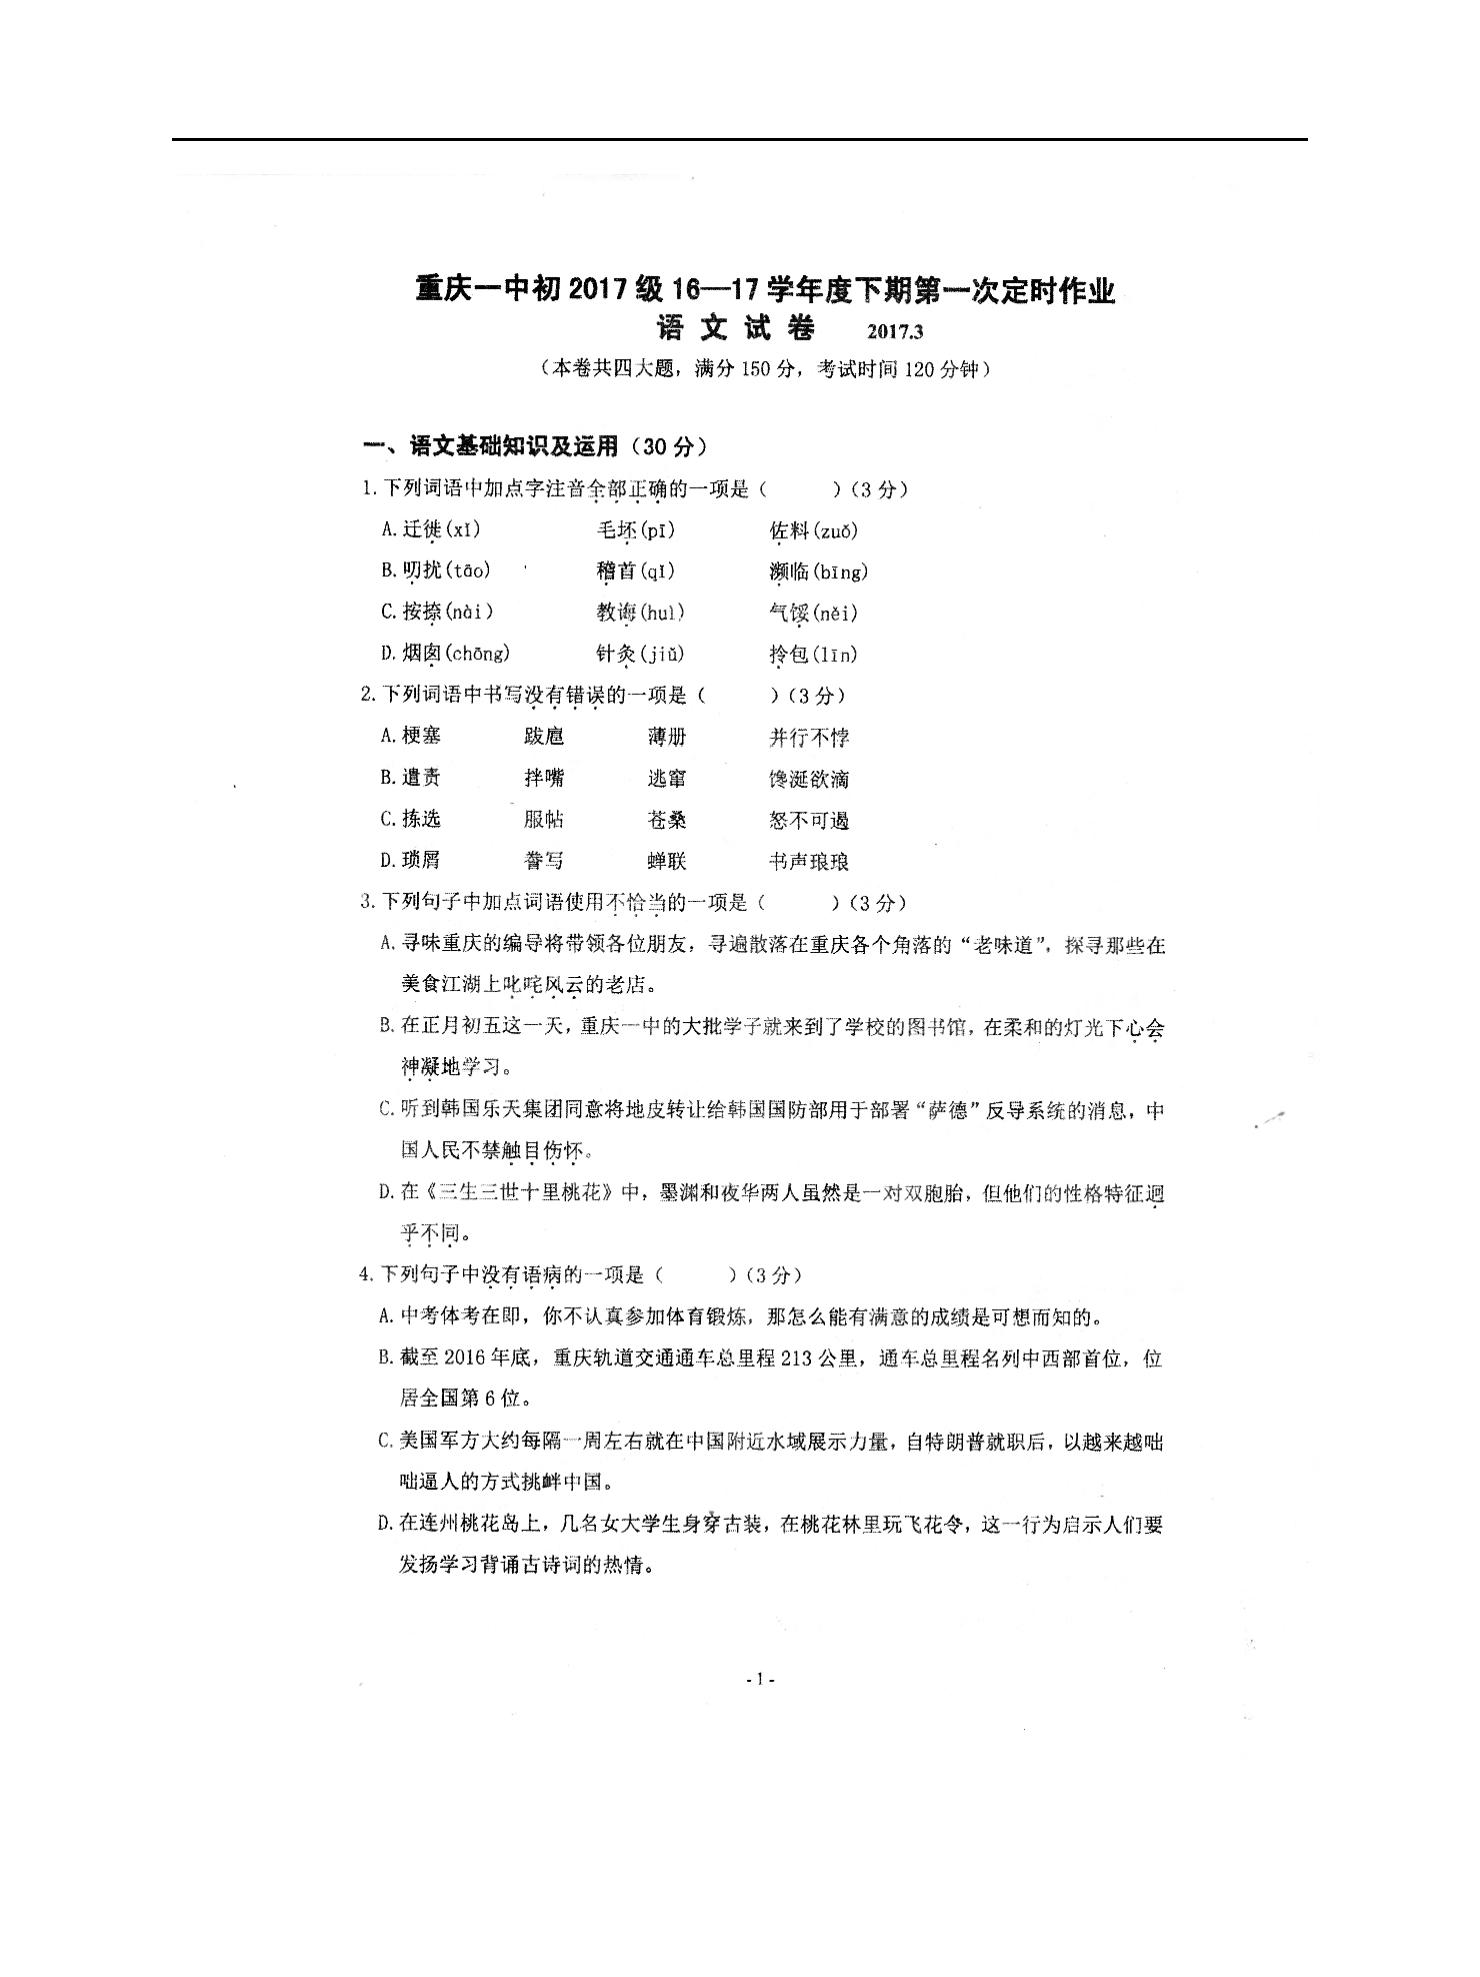 重庆第一中学2017九年级3月定时作业语文试题(Word版)